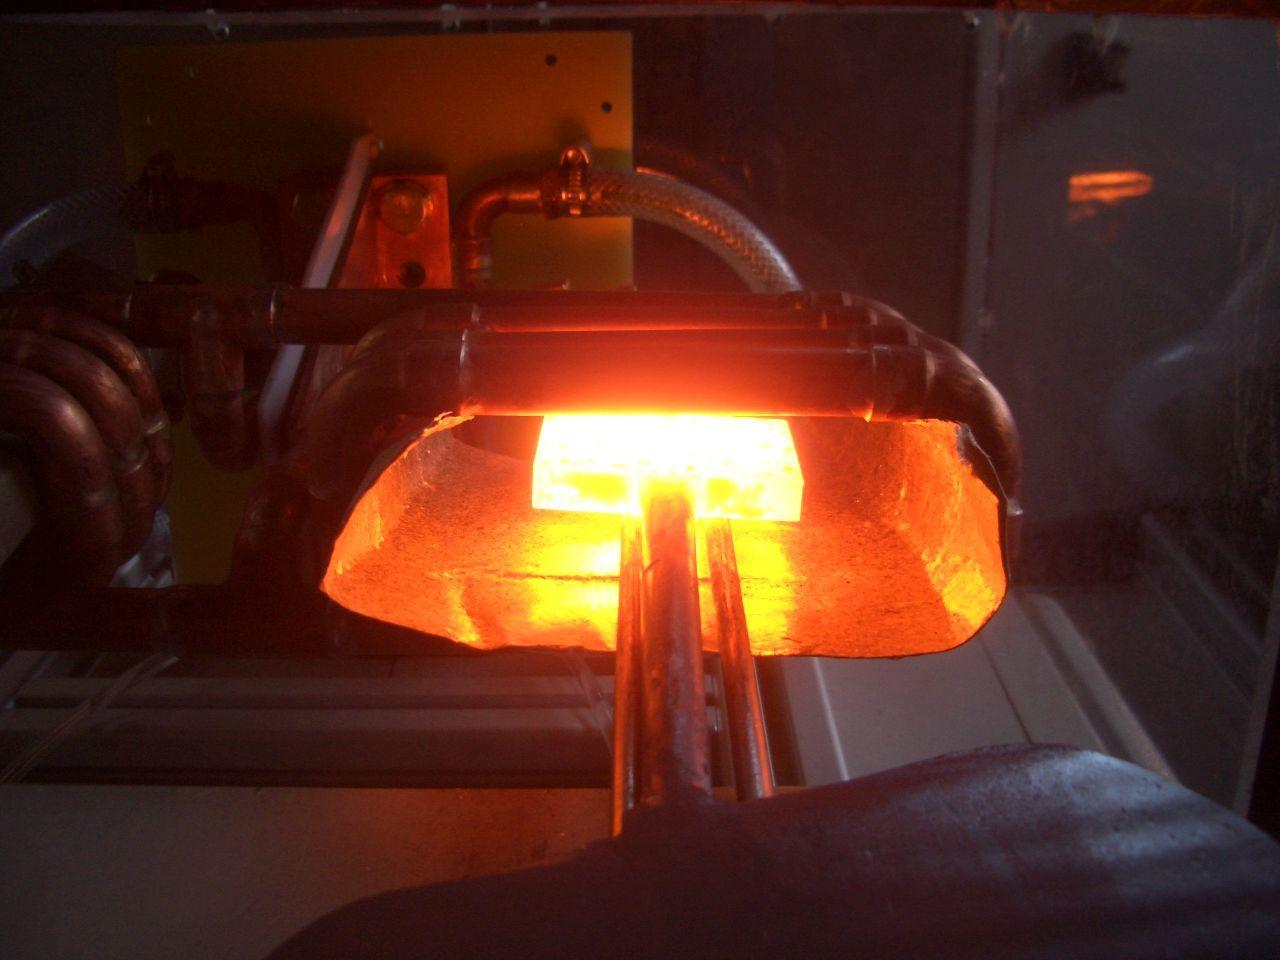 Indukcijsko taljenje kovin, induktivno površinsko kaljenje kovin inel 016